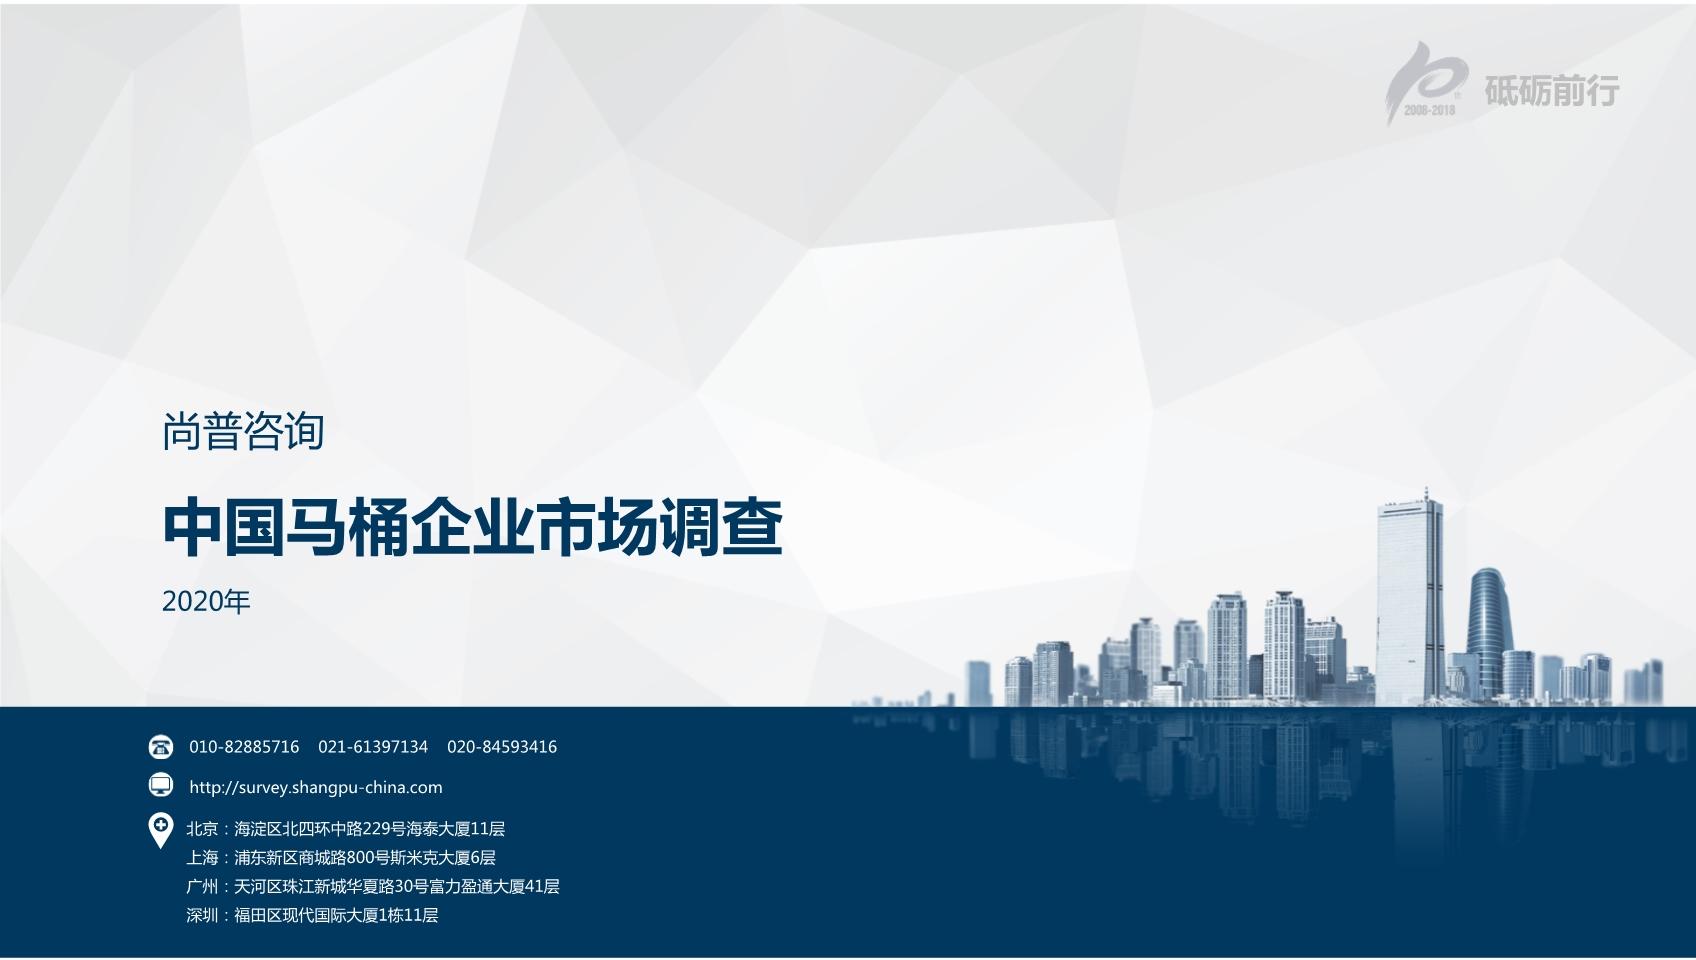 尚普咨询:2020年中国马桶企业市场调查